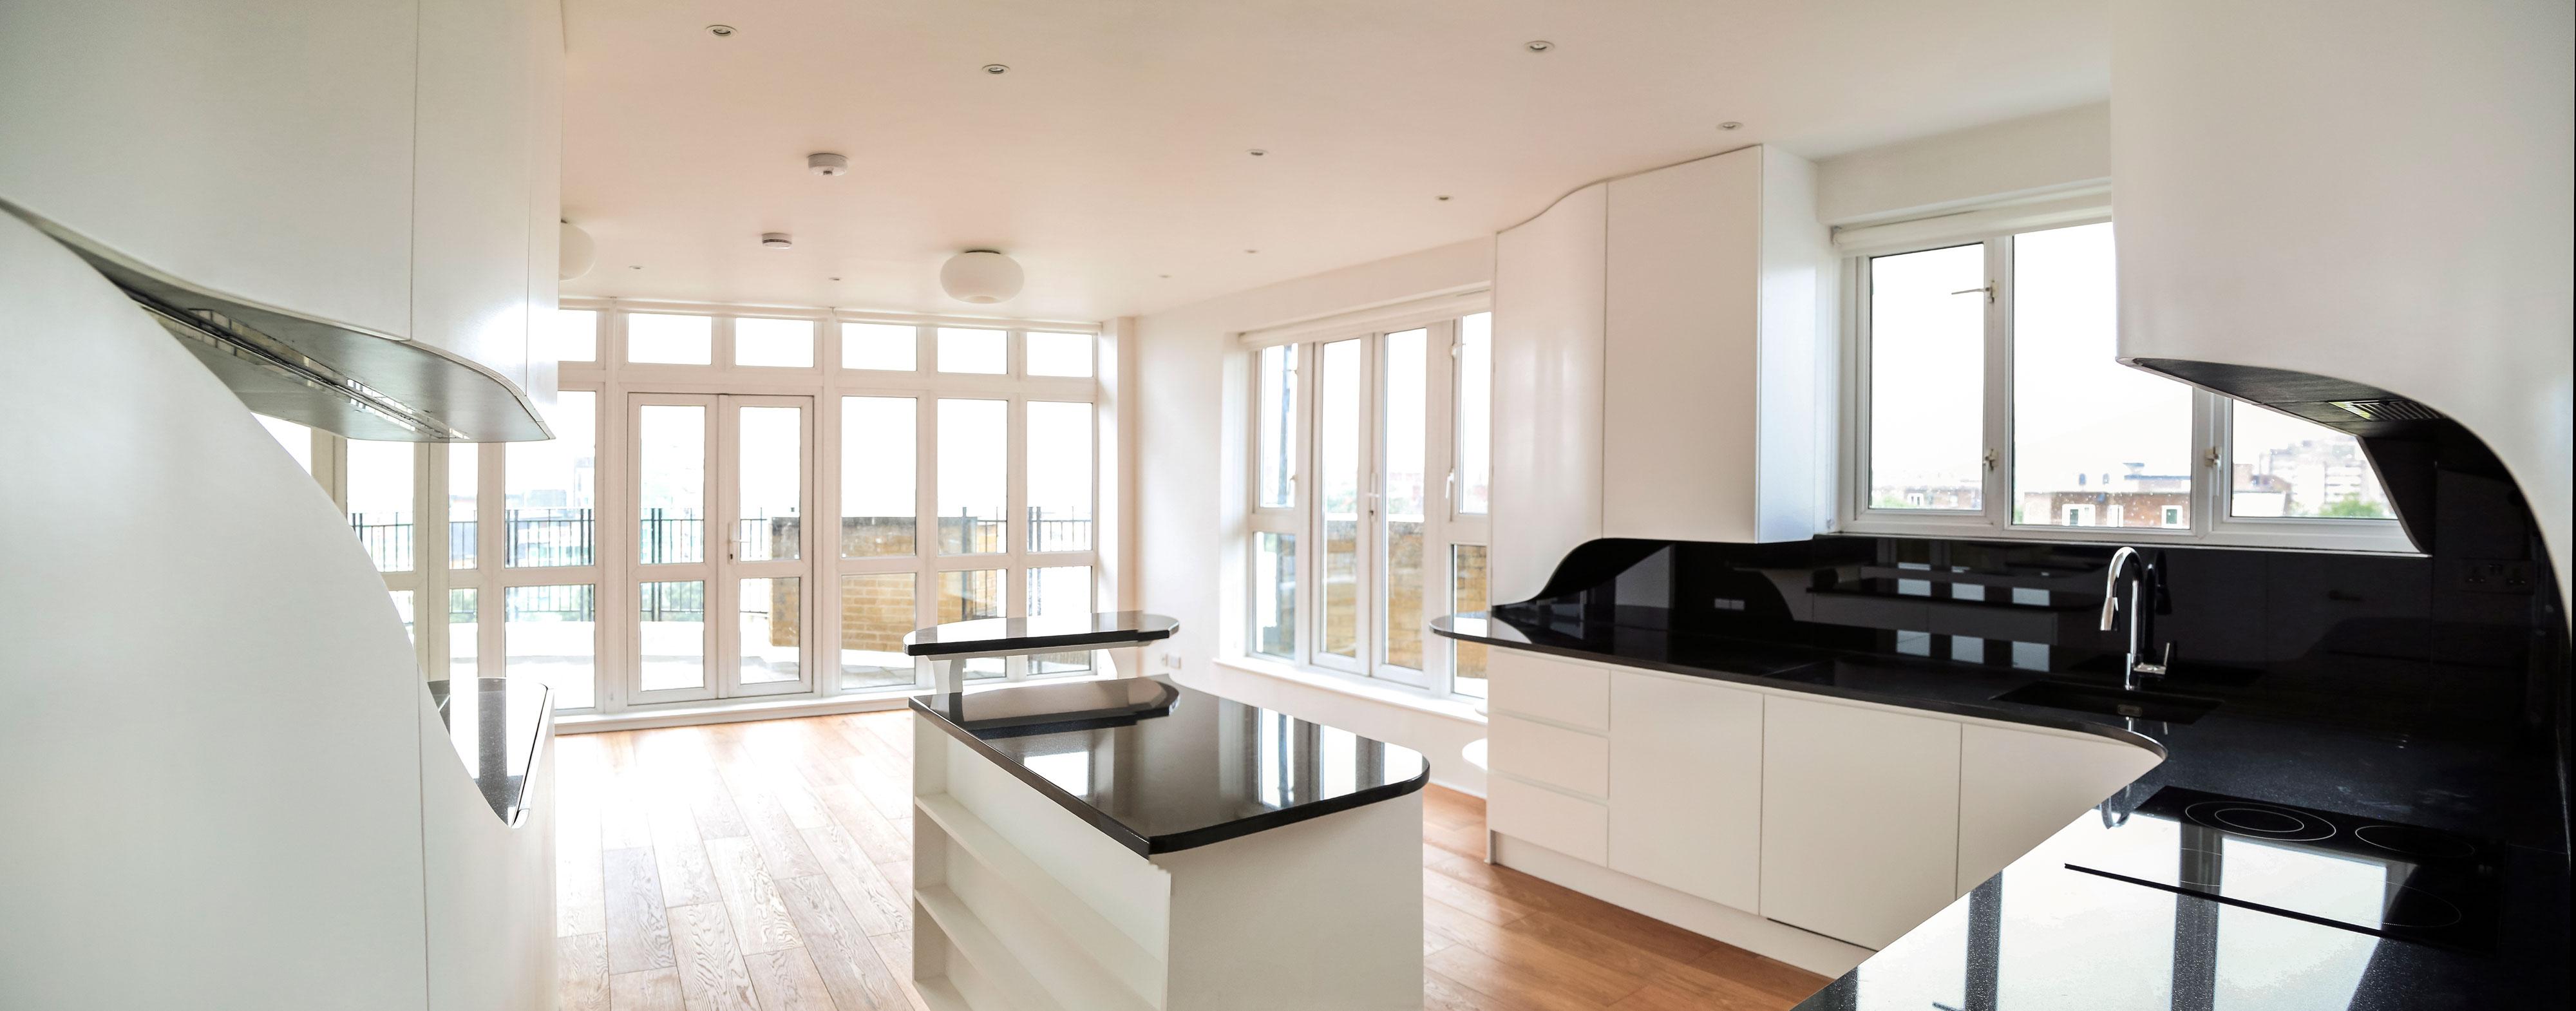 Роскошный интерьер кухни в загородном доме - Фото 26